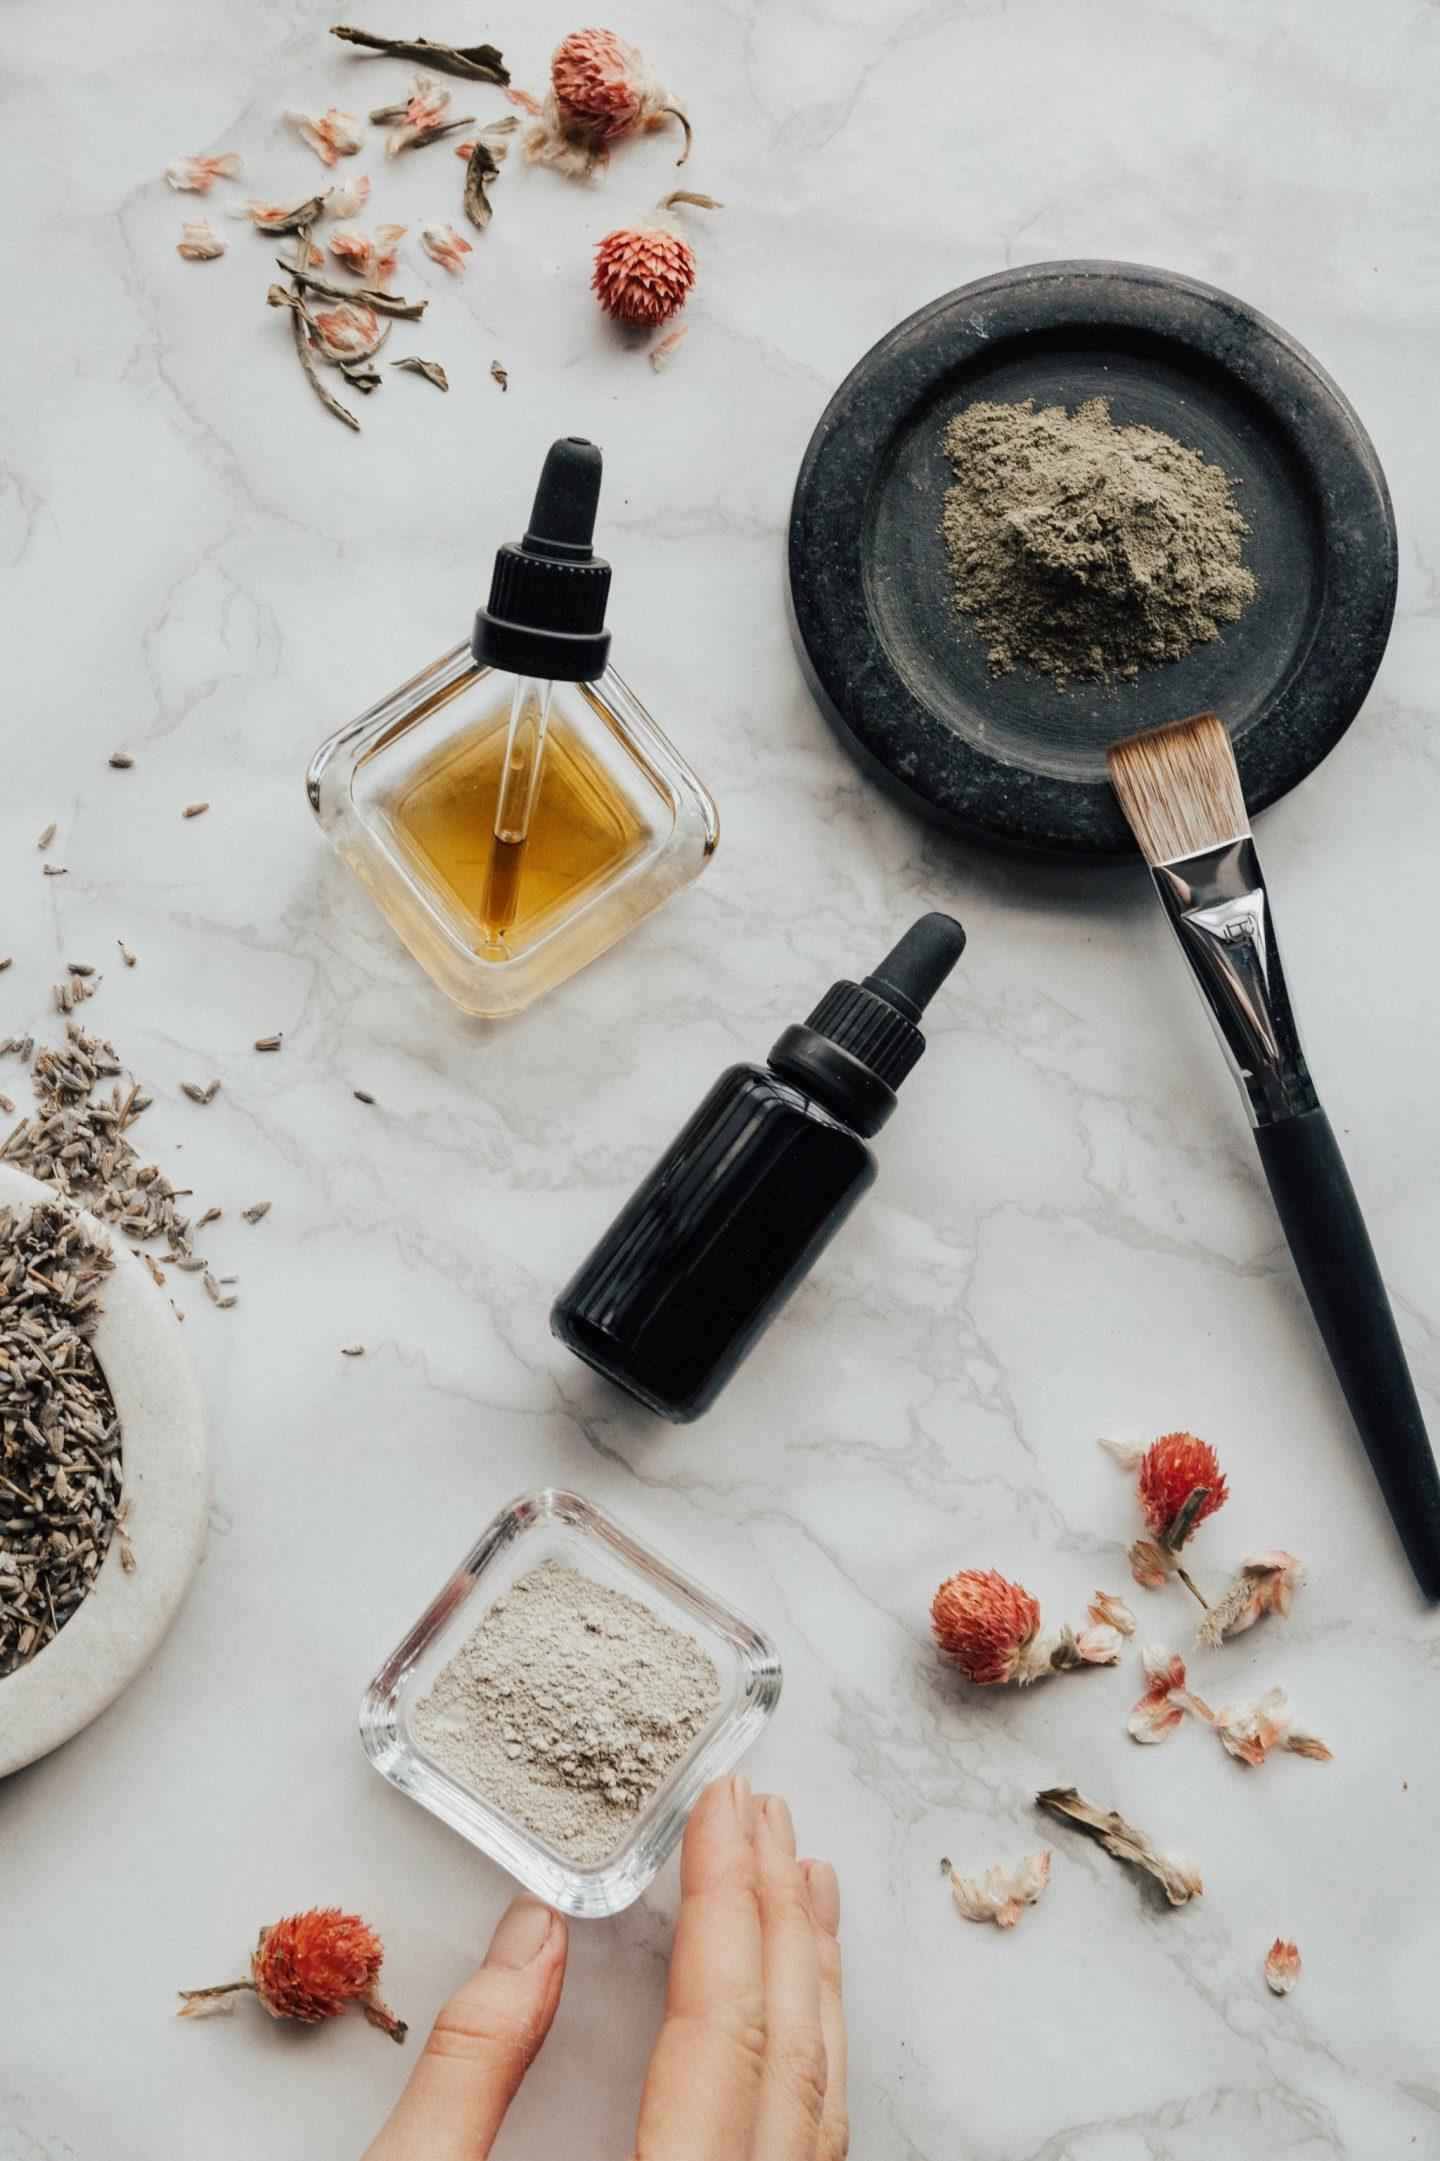 Vegan natural skincare